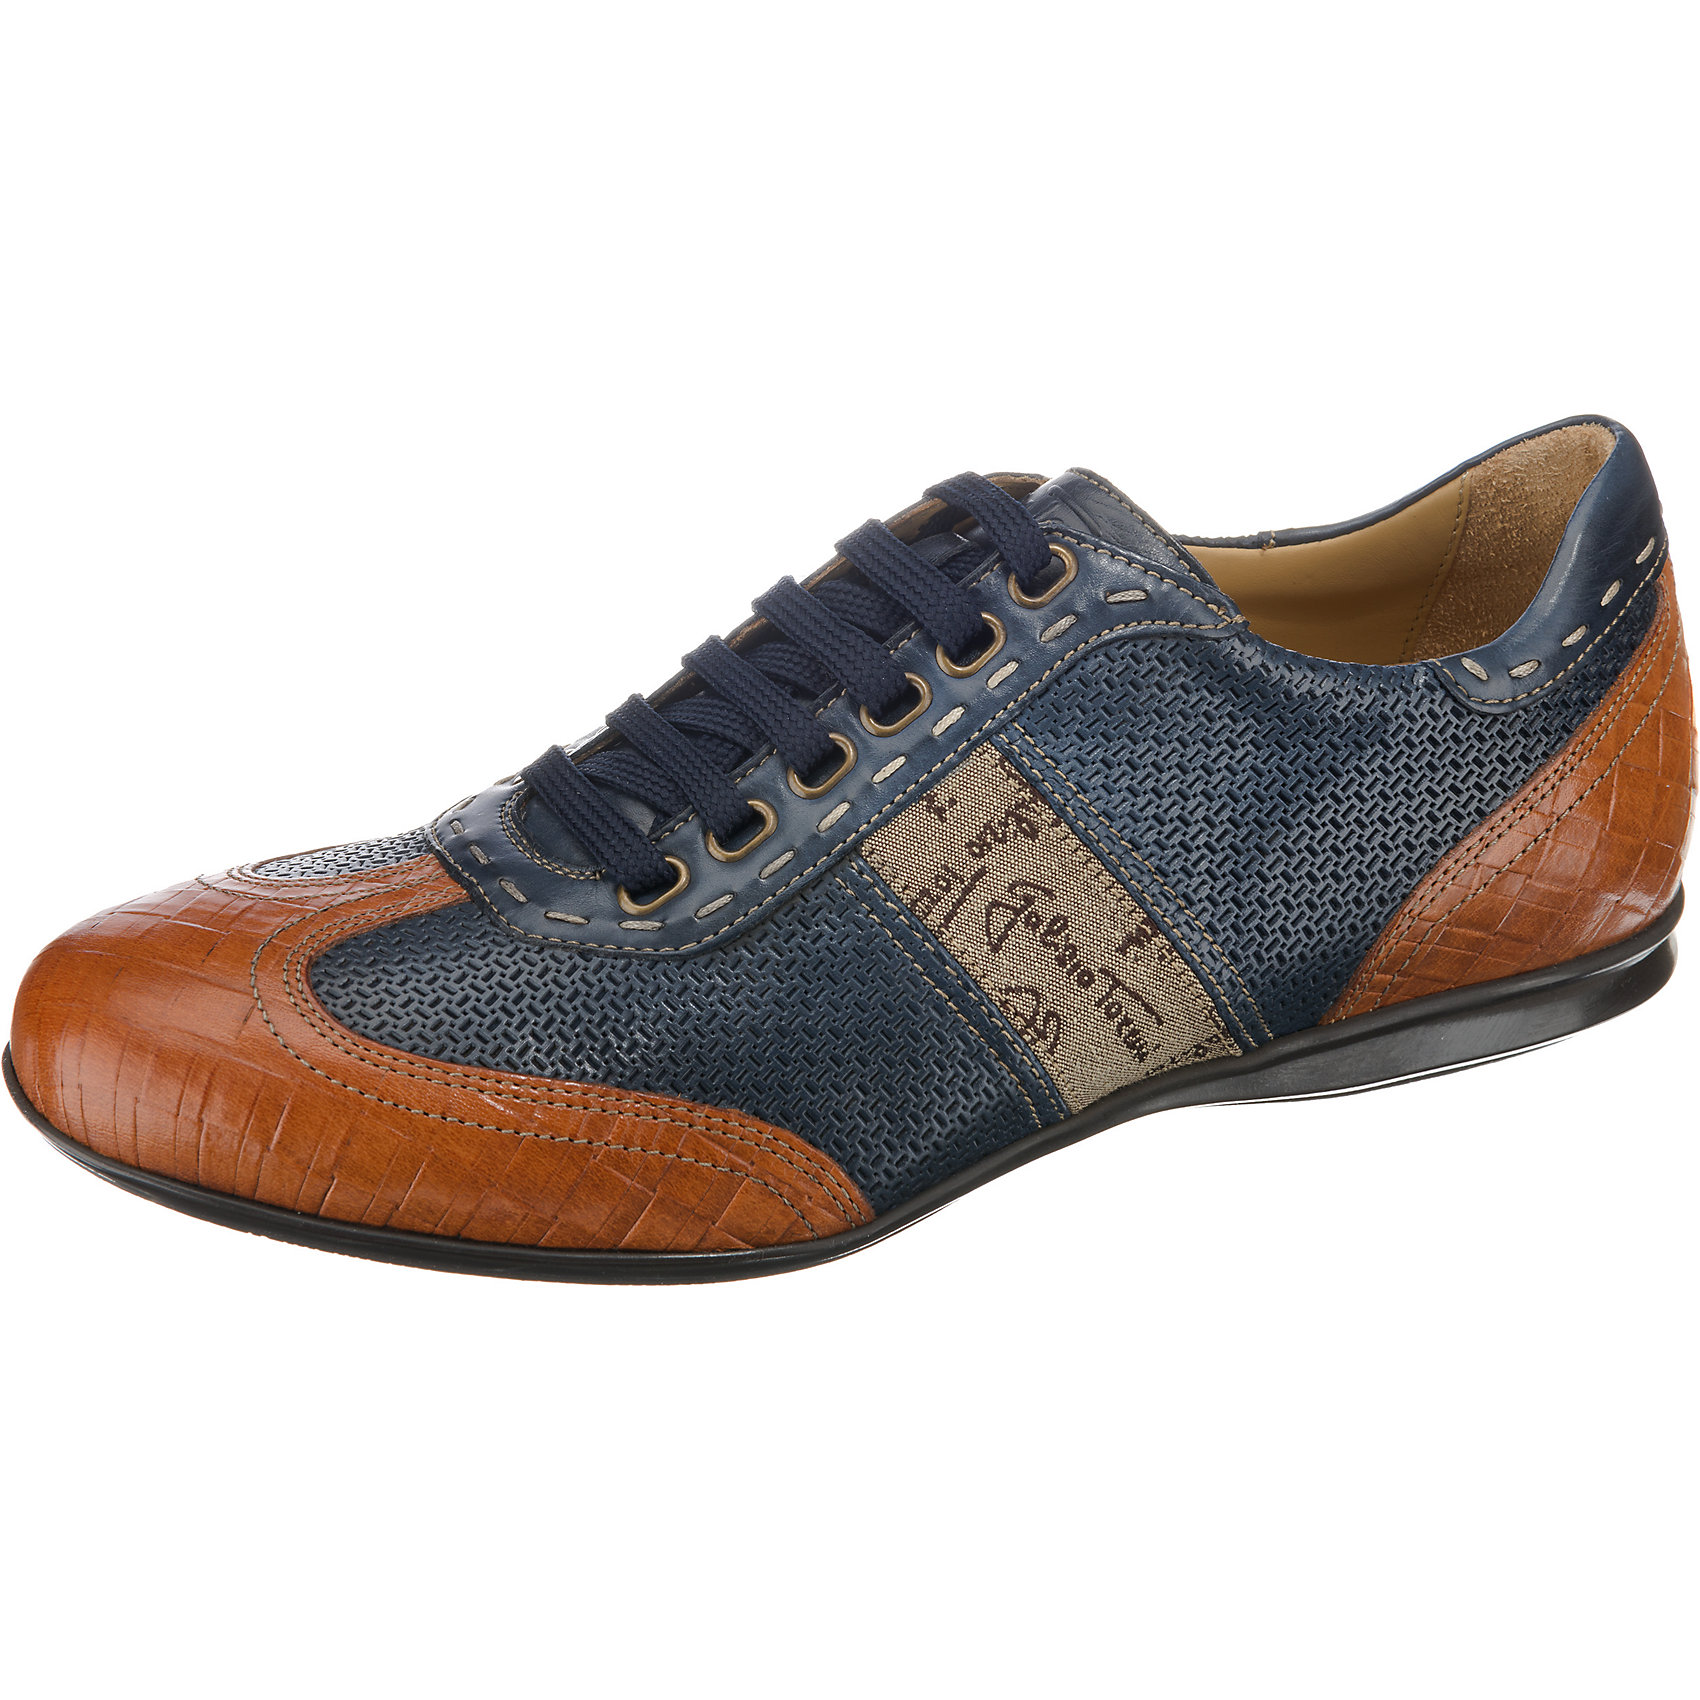 f06d20b824e564 Neu Galizio Torresi Freizeit Schuhe 5772619 für Herren blau